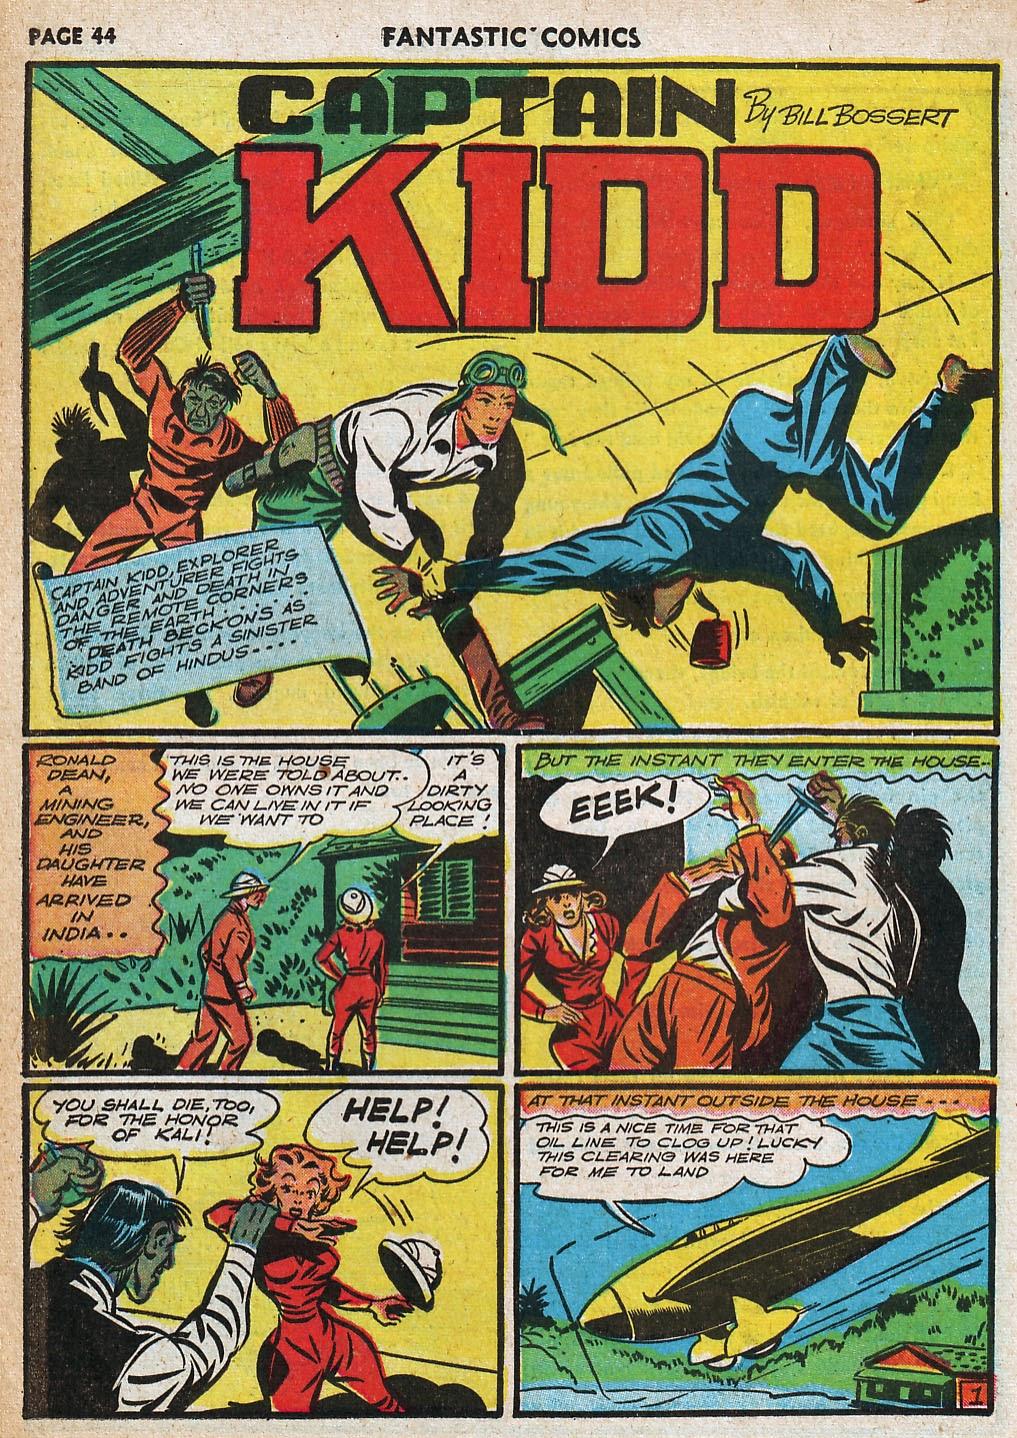 Read online Fantastic Comics comic -  Issue #20 - 44